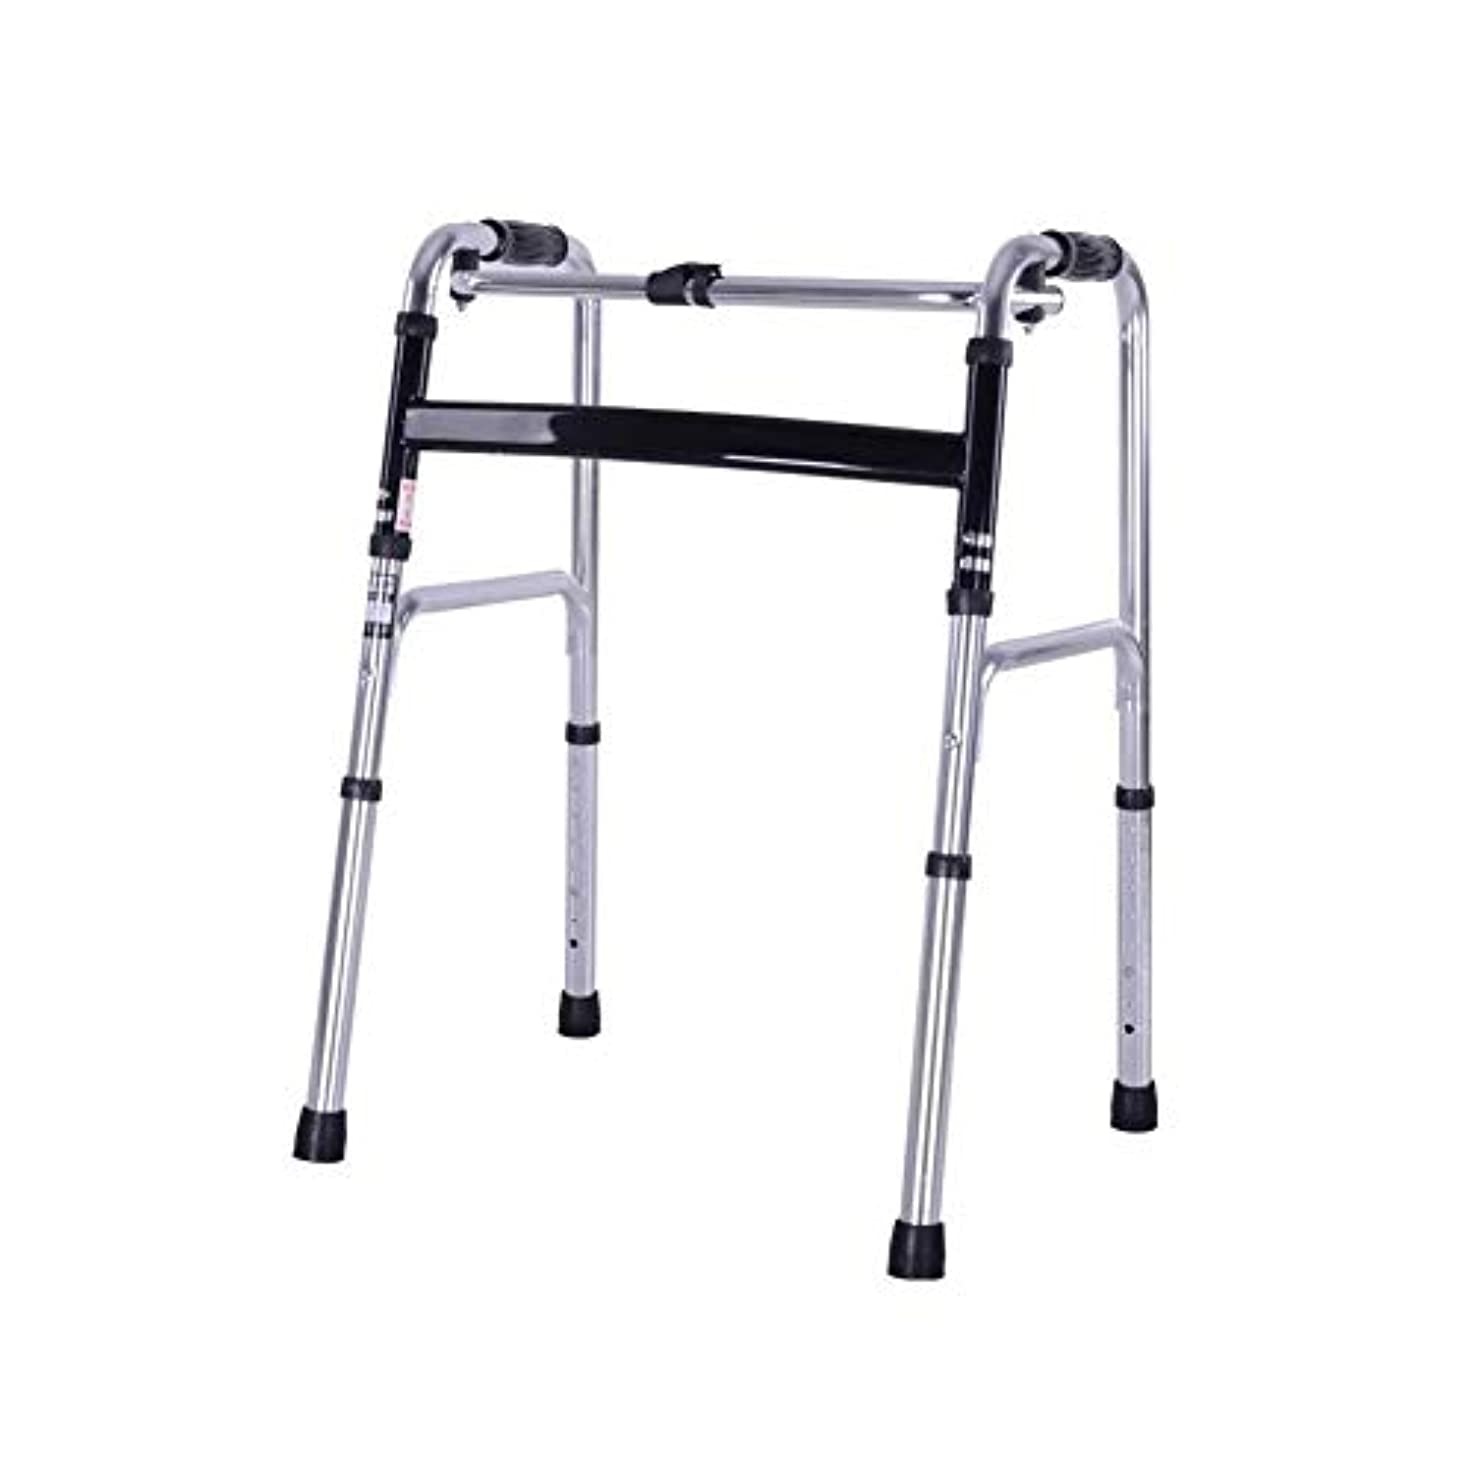 失敗咳従事する高齢者のための折りたたみ式軽量アルミニウム高さ調節可能な歩行フレームの移動補助具